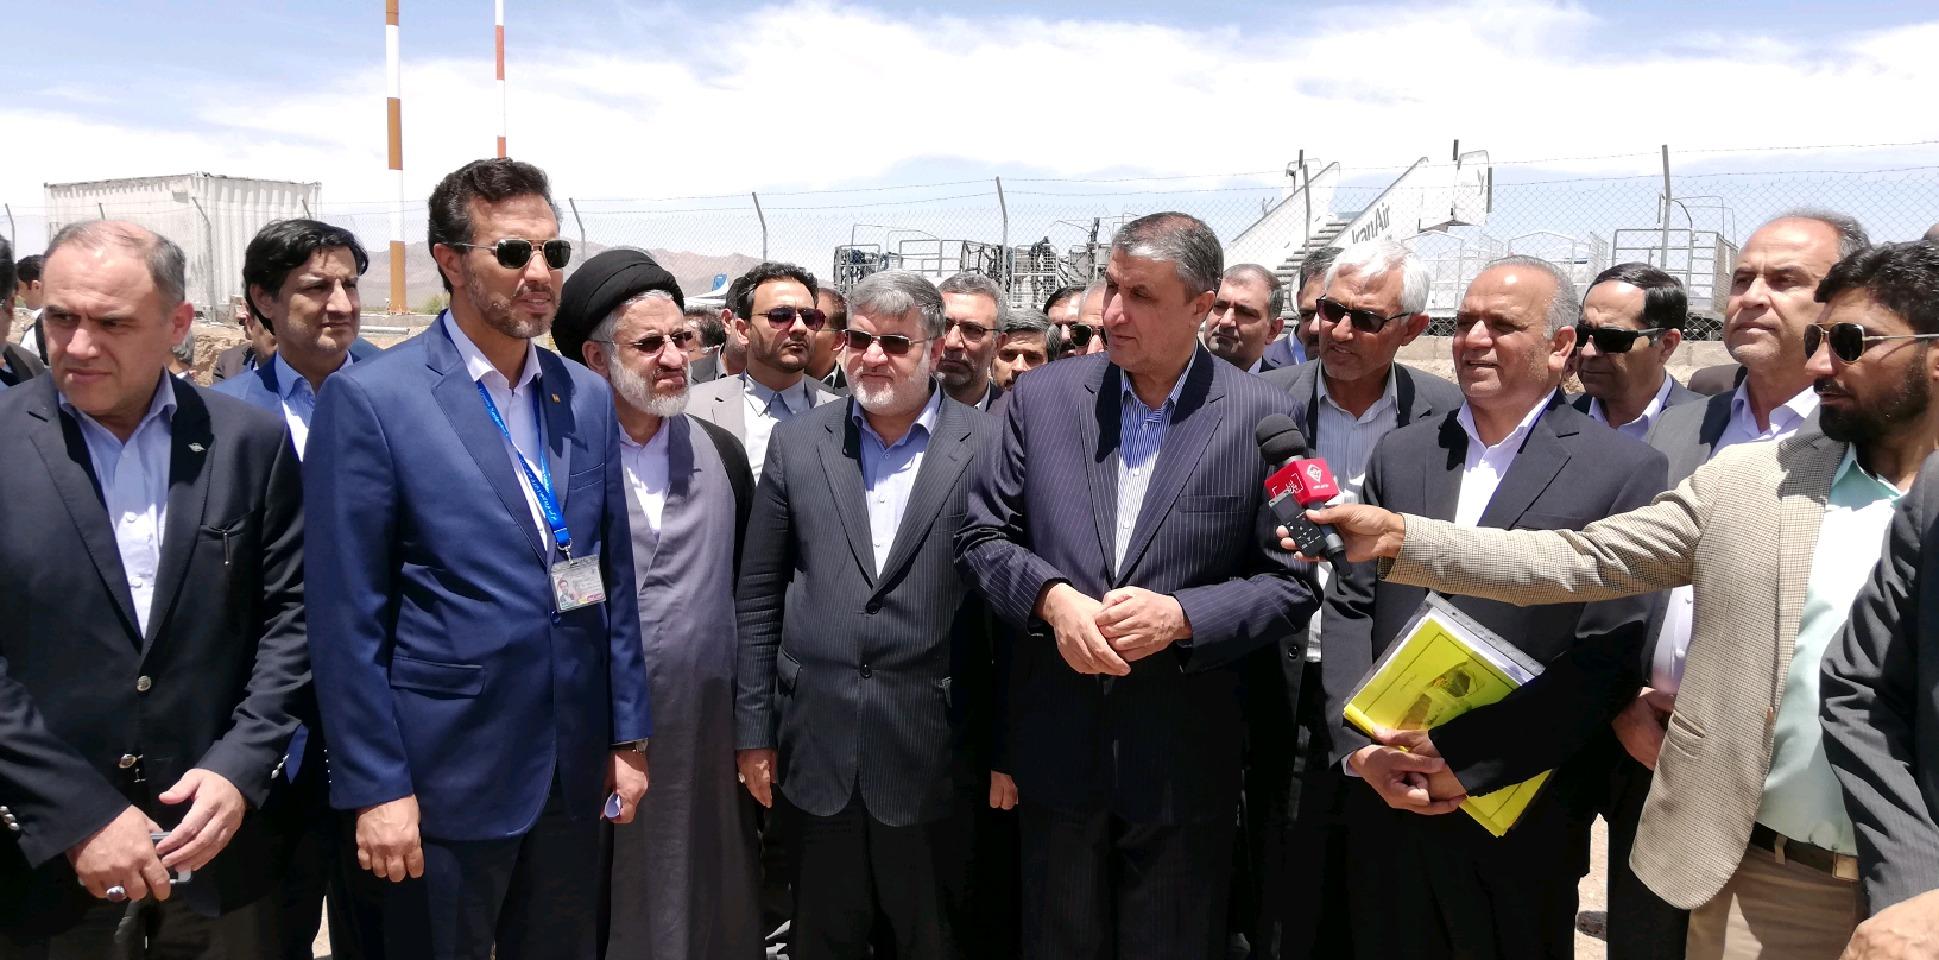 وزیر راه و شهرسازی : اتصال خراسان جنوبی به راه آهن جزء اولویت های وزارت